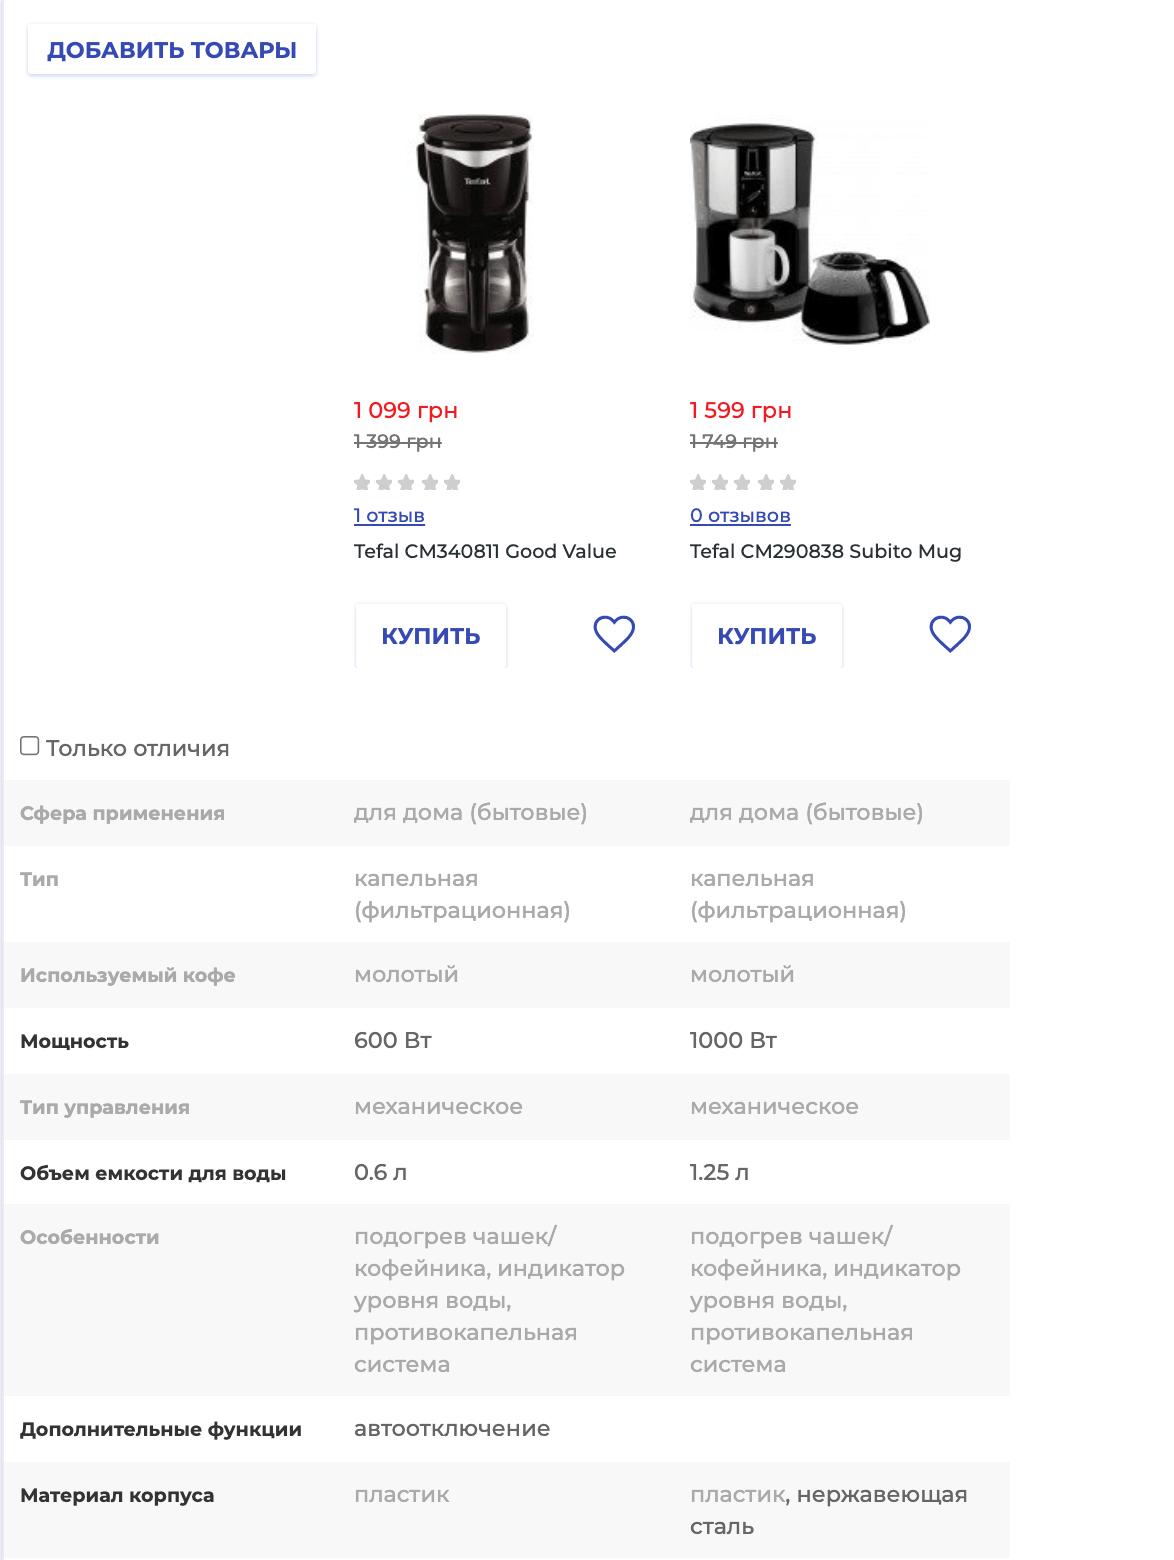 Страница сравнения товаров